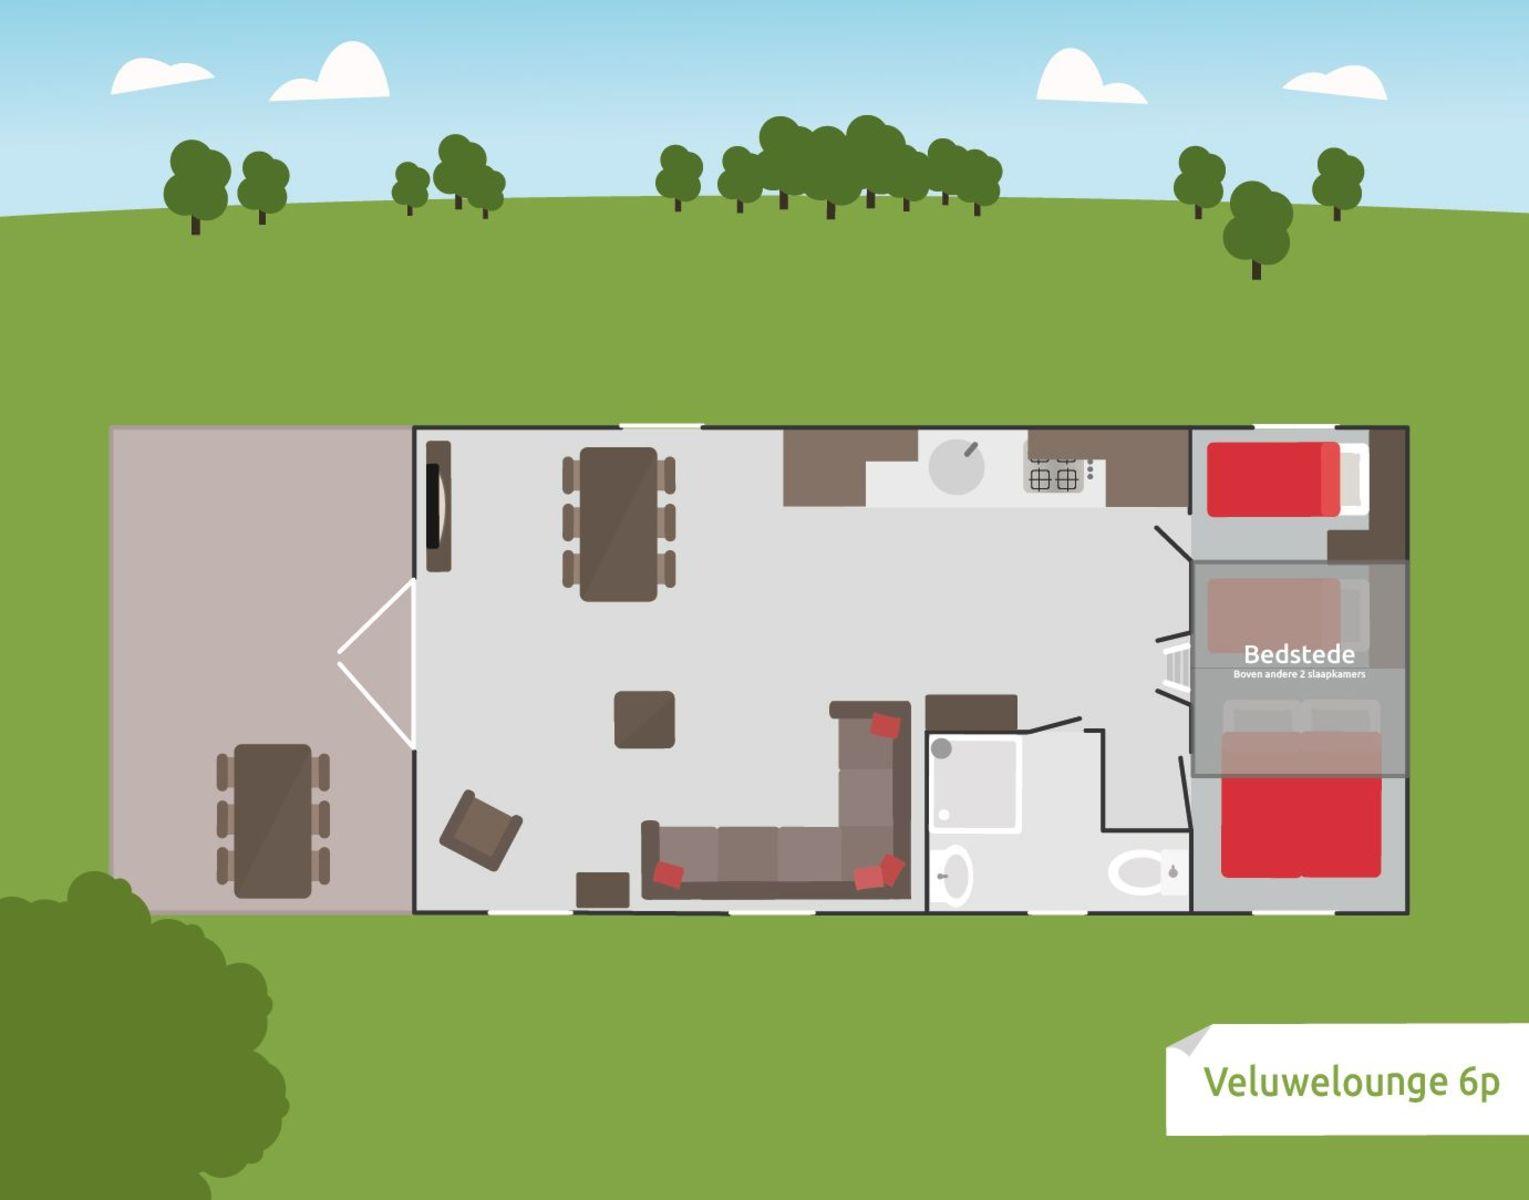 Veluwe-Lounge für 6 Personen